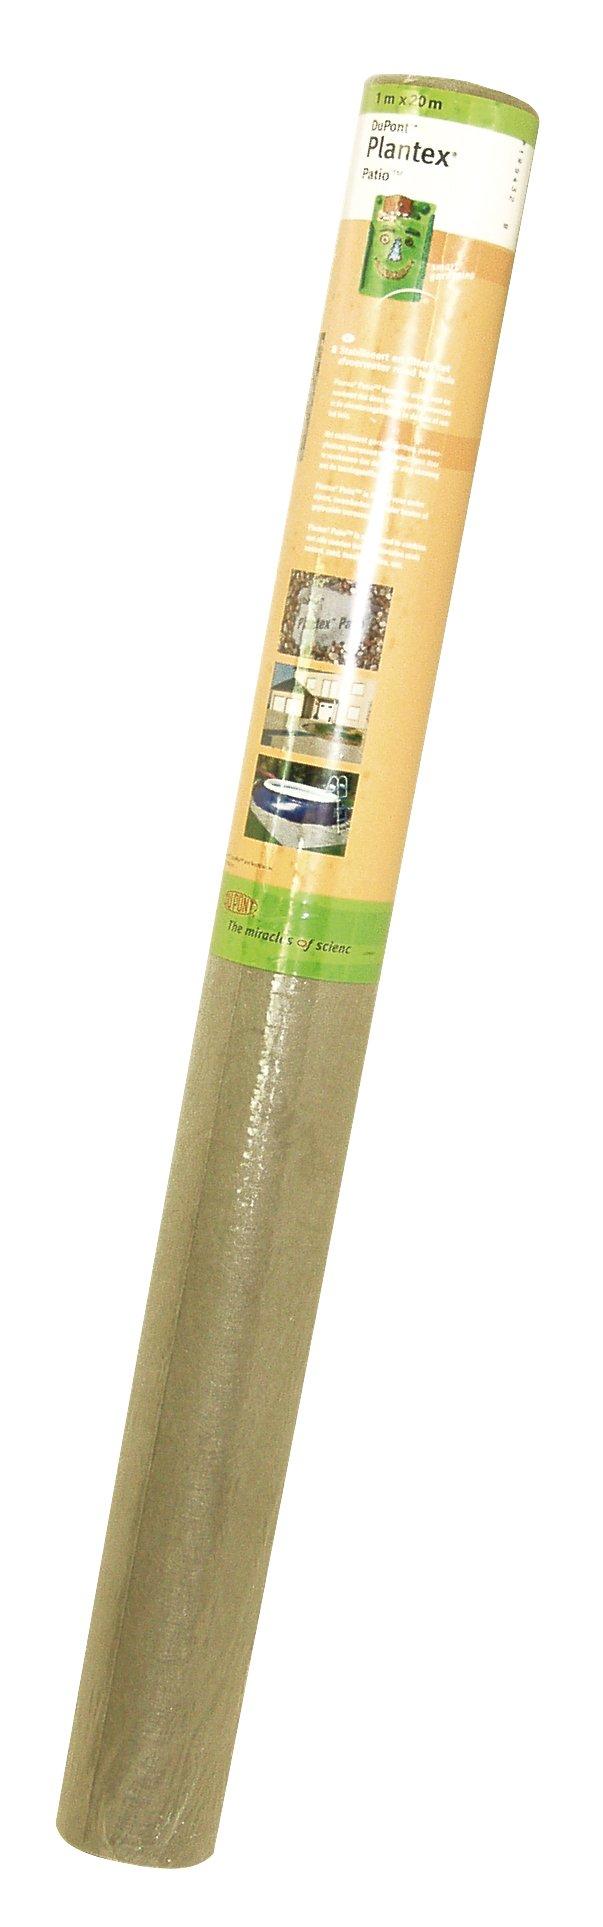 Plantex® Patio - Filter- und Stabilisierungsvlies 1,0 x 20 m